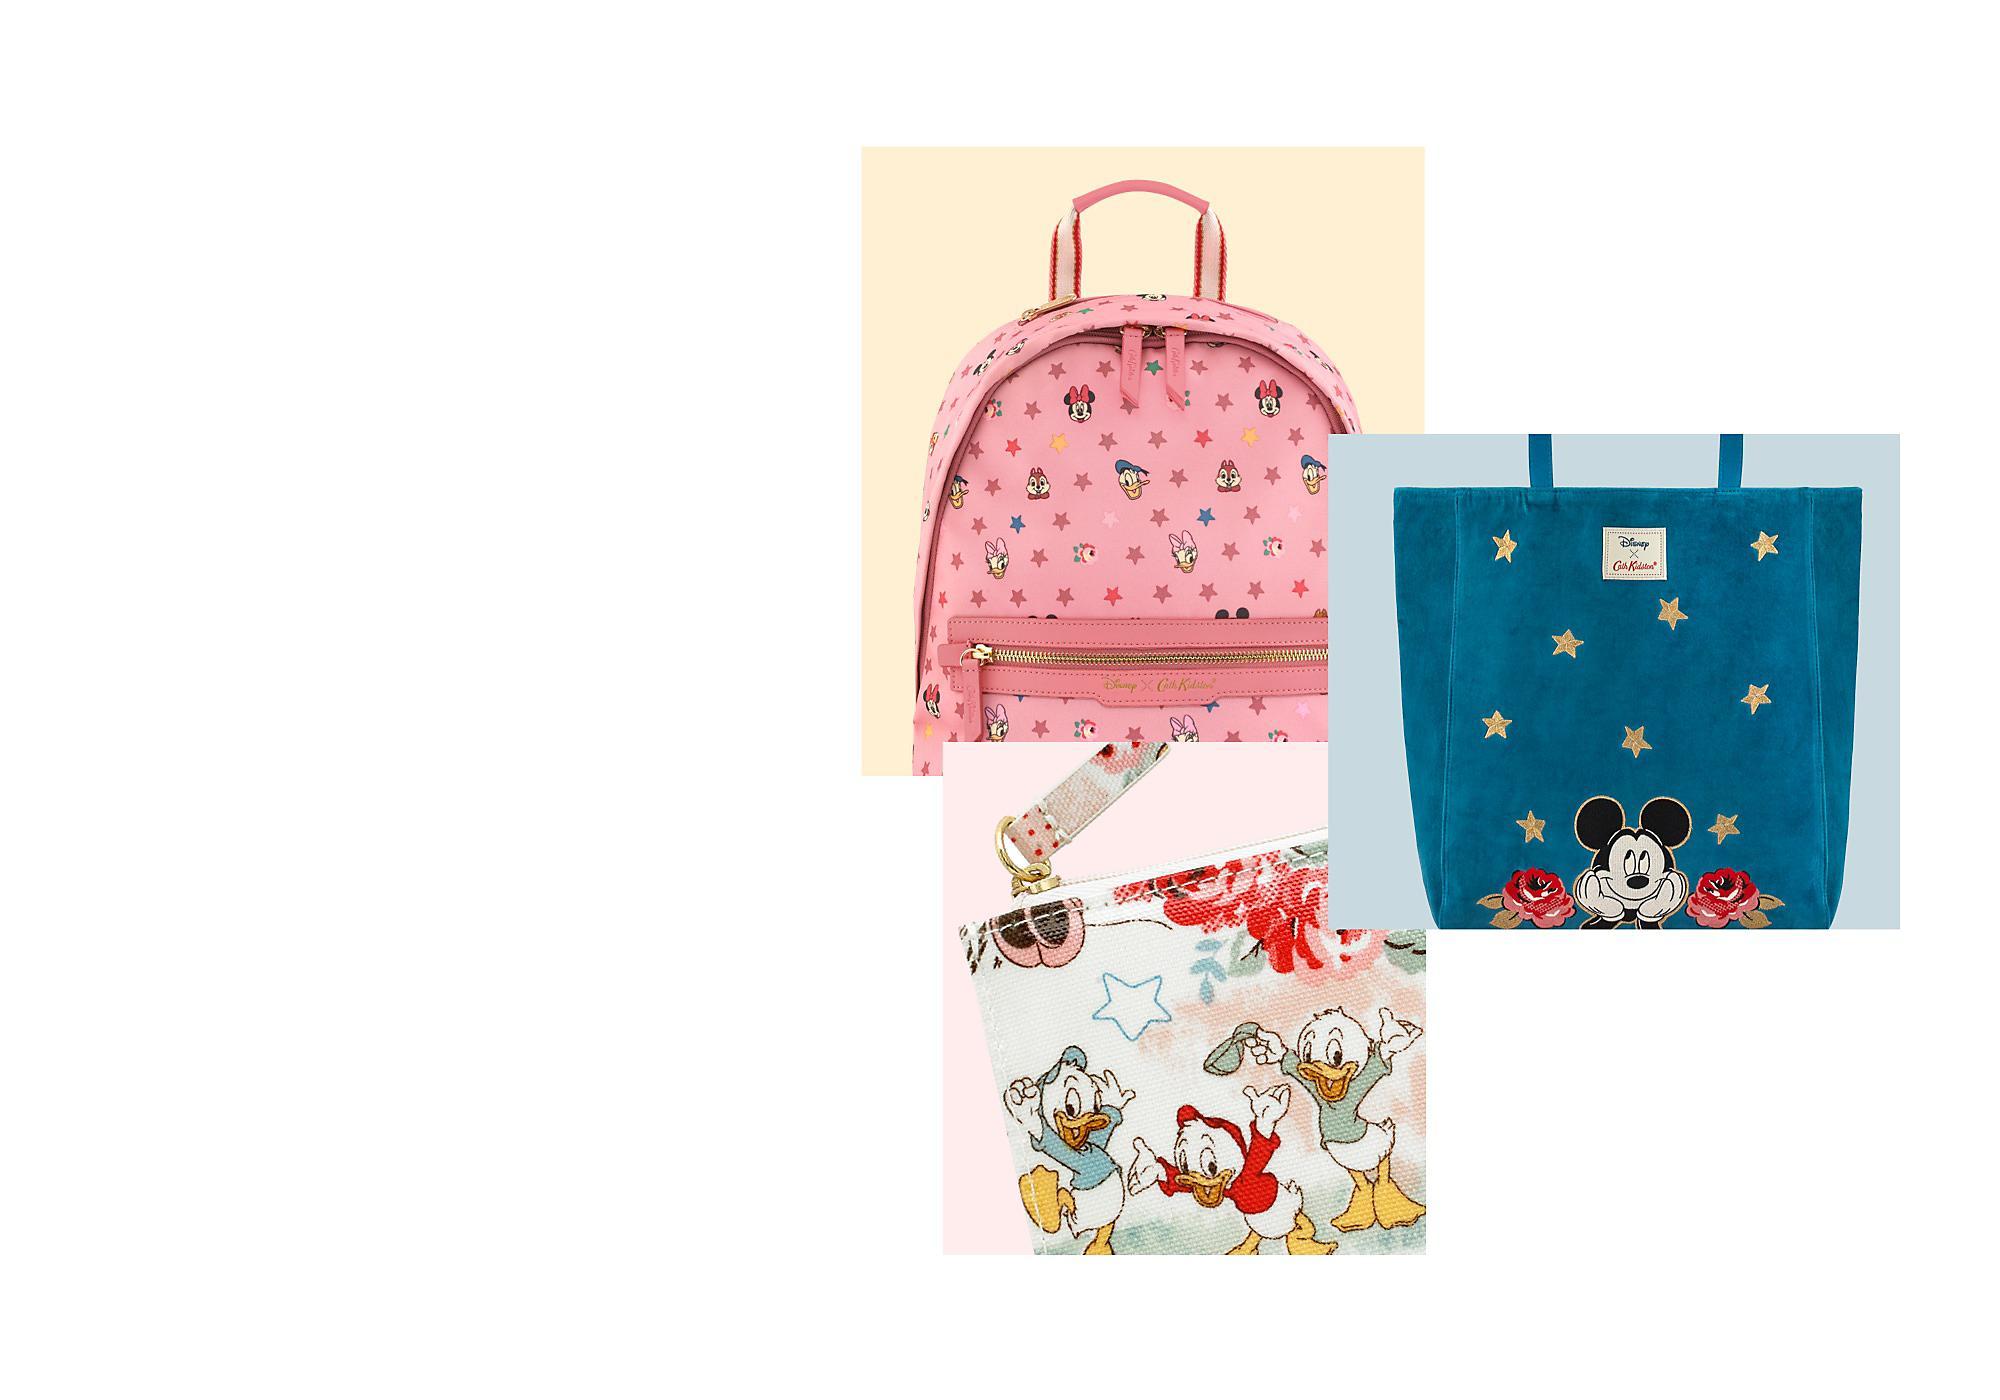 La colección más bella del reino Descubre nuestra encantadora colección de artículos, como ropa, accesorios y menaje para el hogar, de Cath Kidston inspirada en el personaje de Blancanieves de Disney.